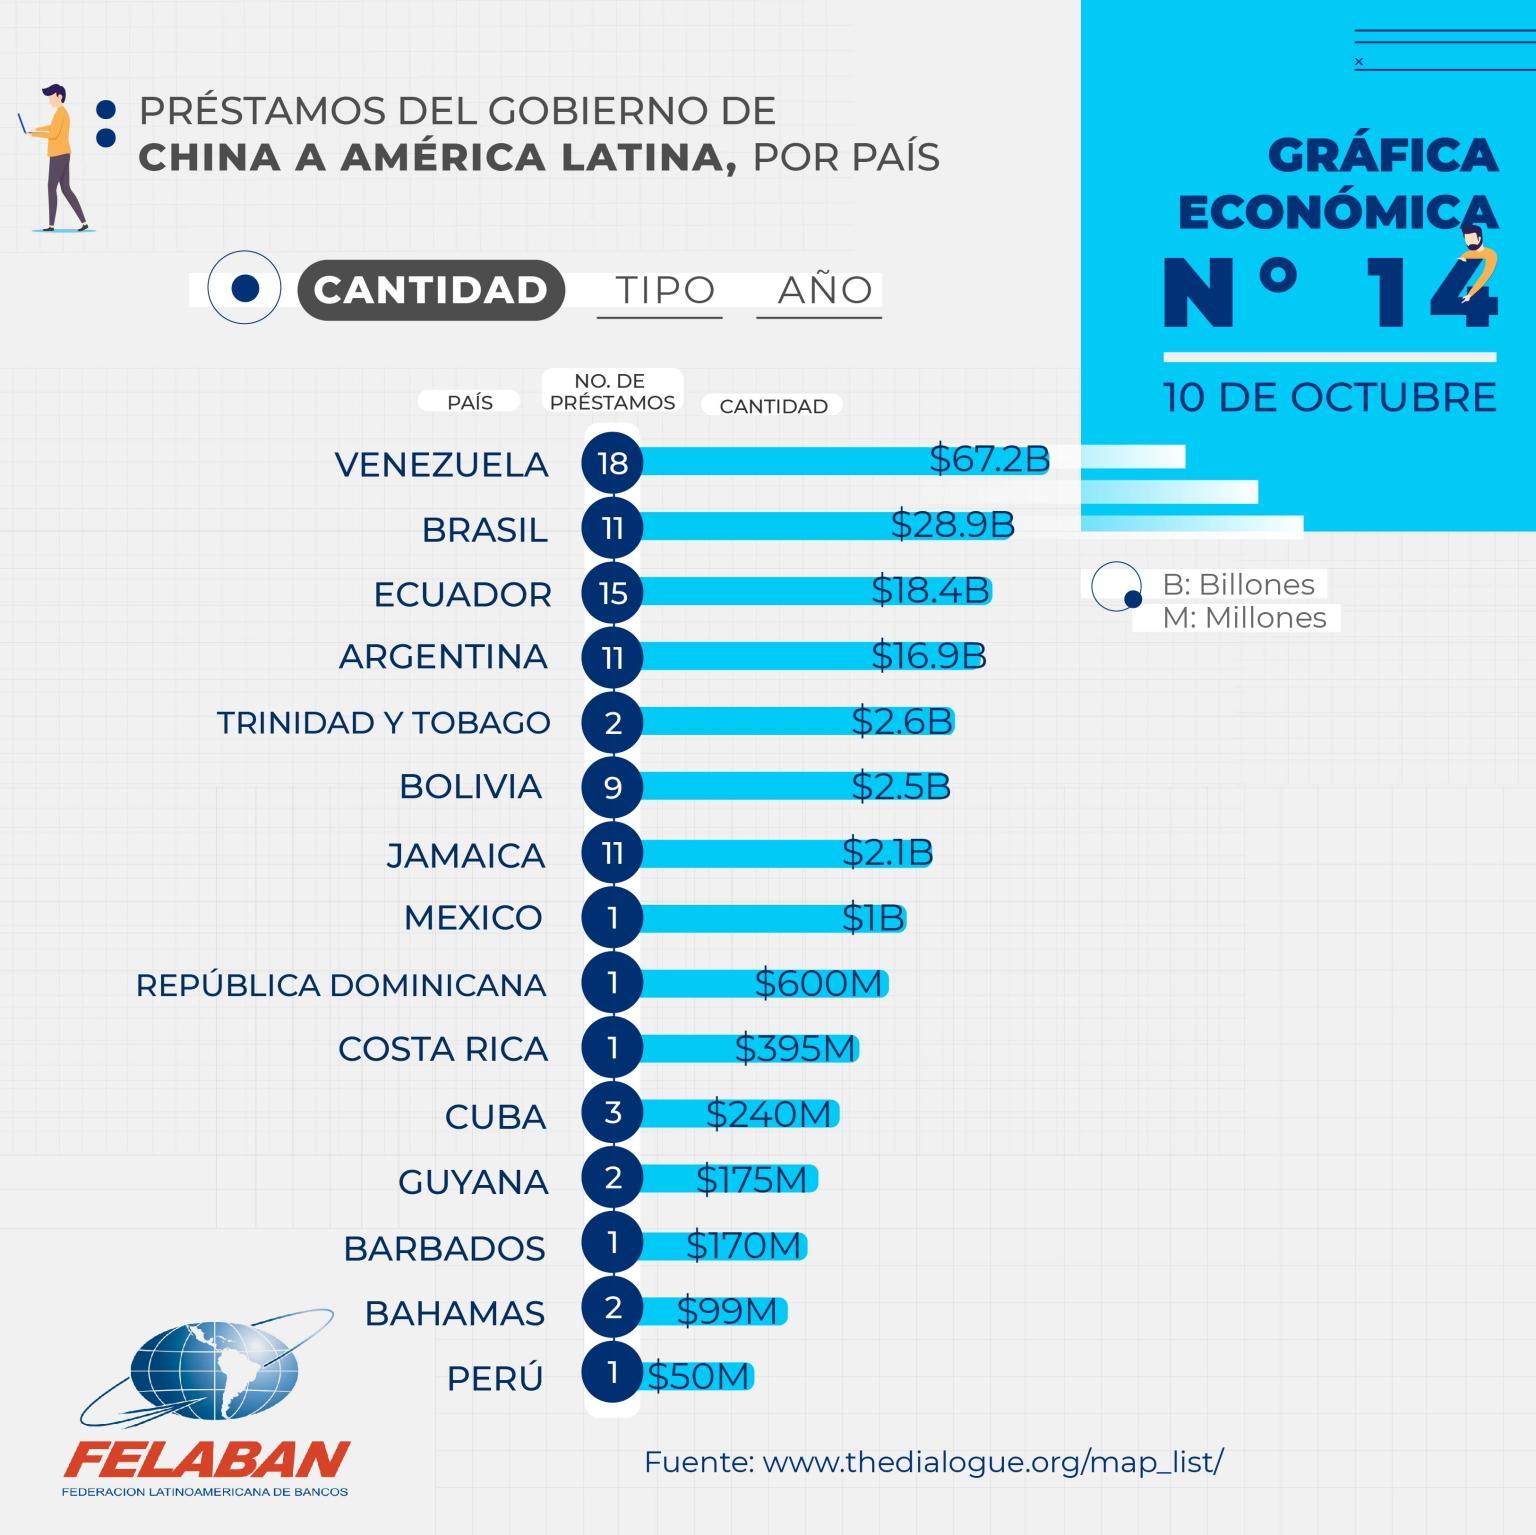 Gráfica Económica Nro 14-1 - Préstamos del Gobierno de China a América Latina, por País